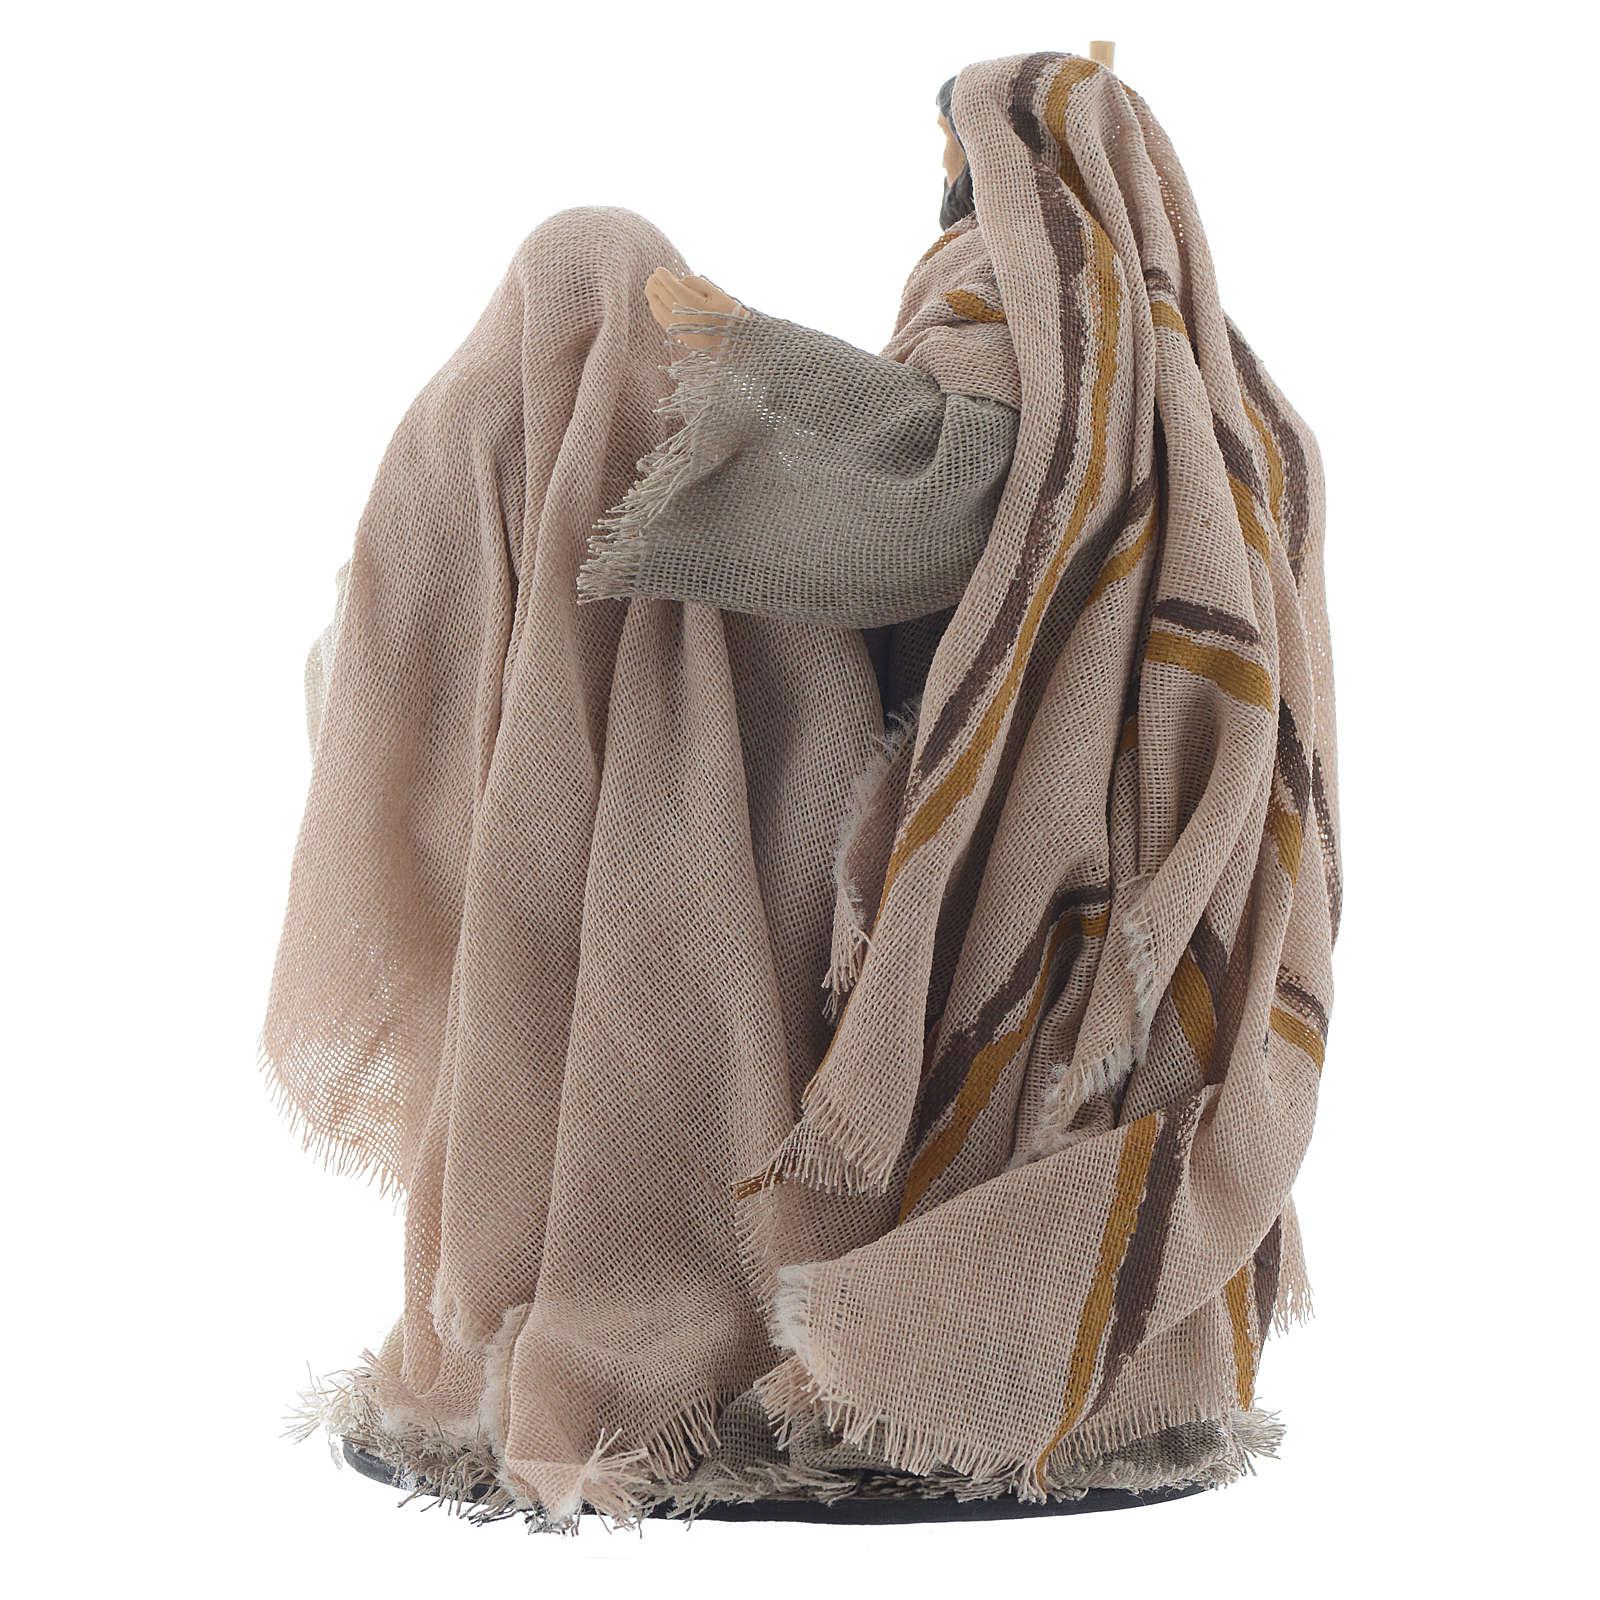 Natività resina stoffa stile provenzale 15 cm 3